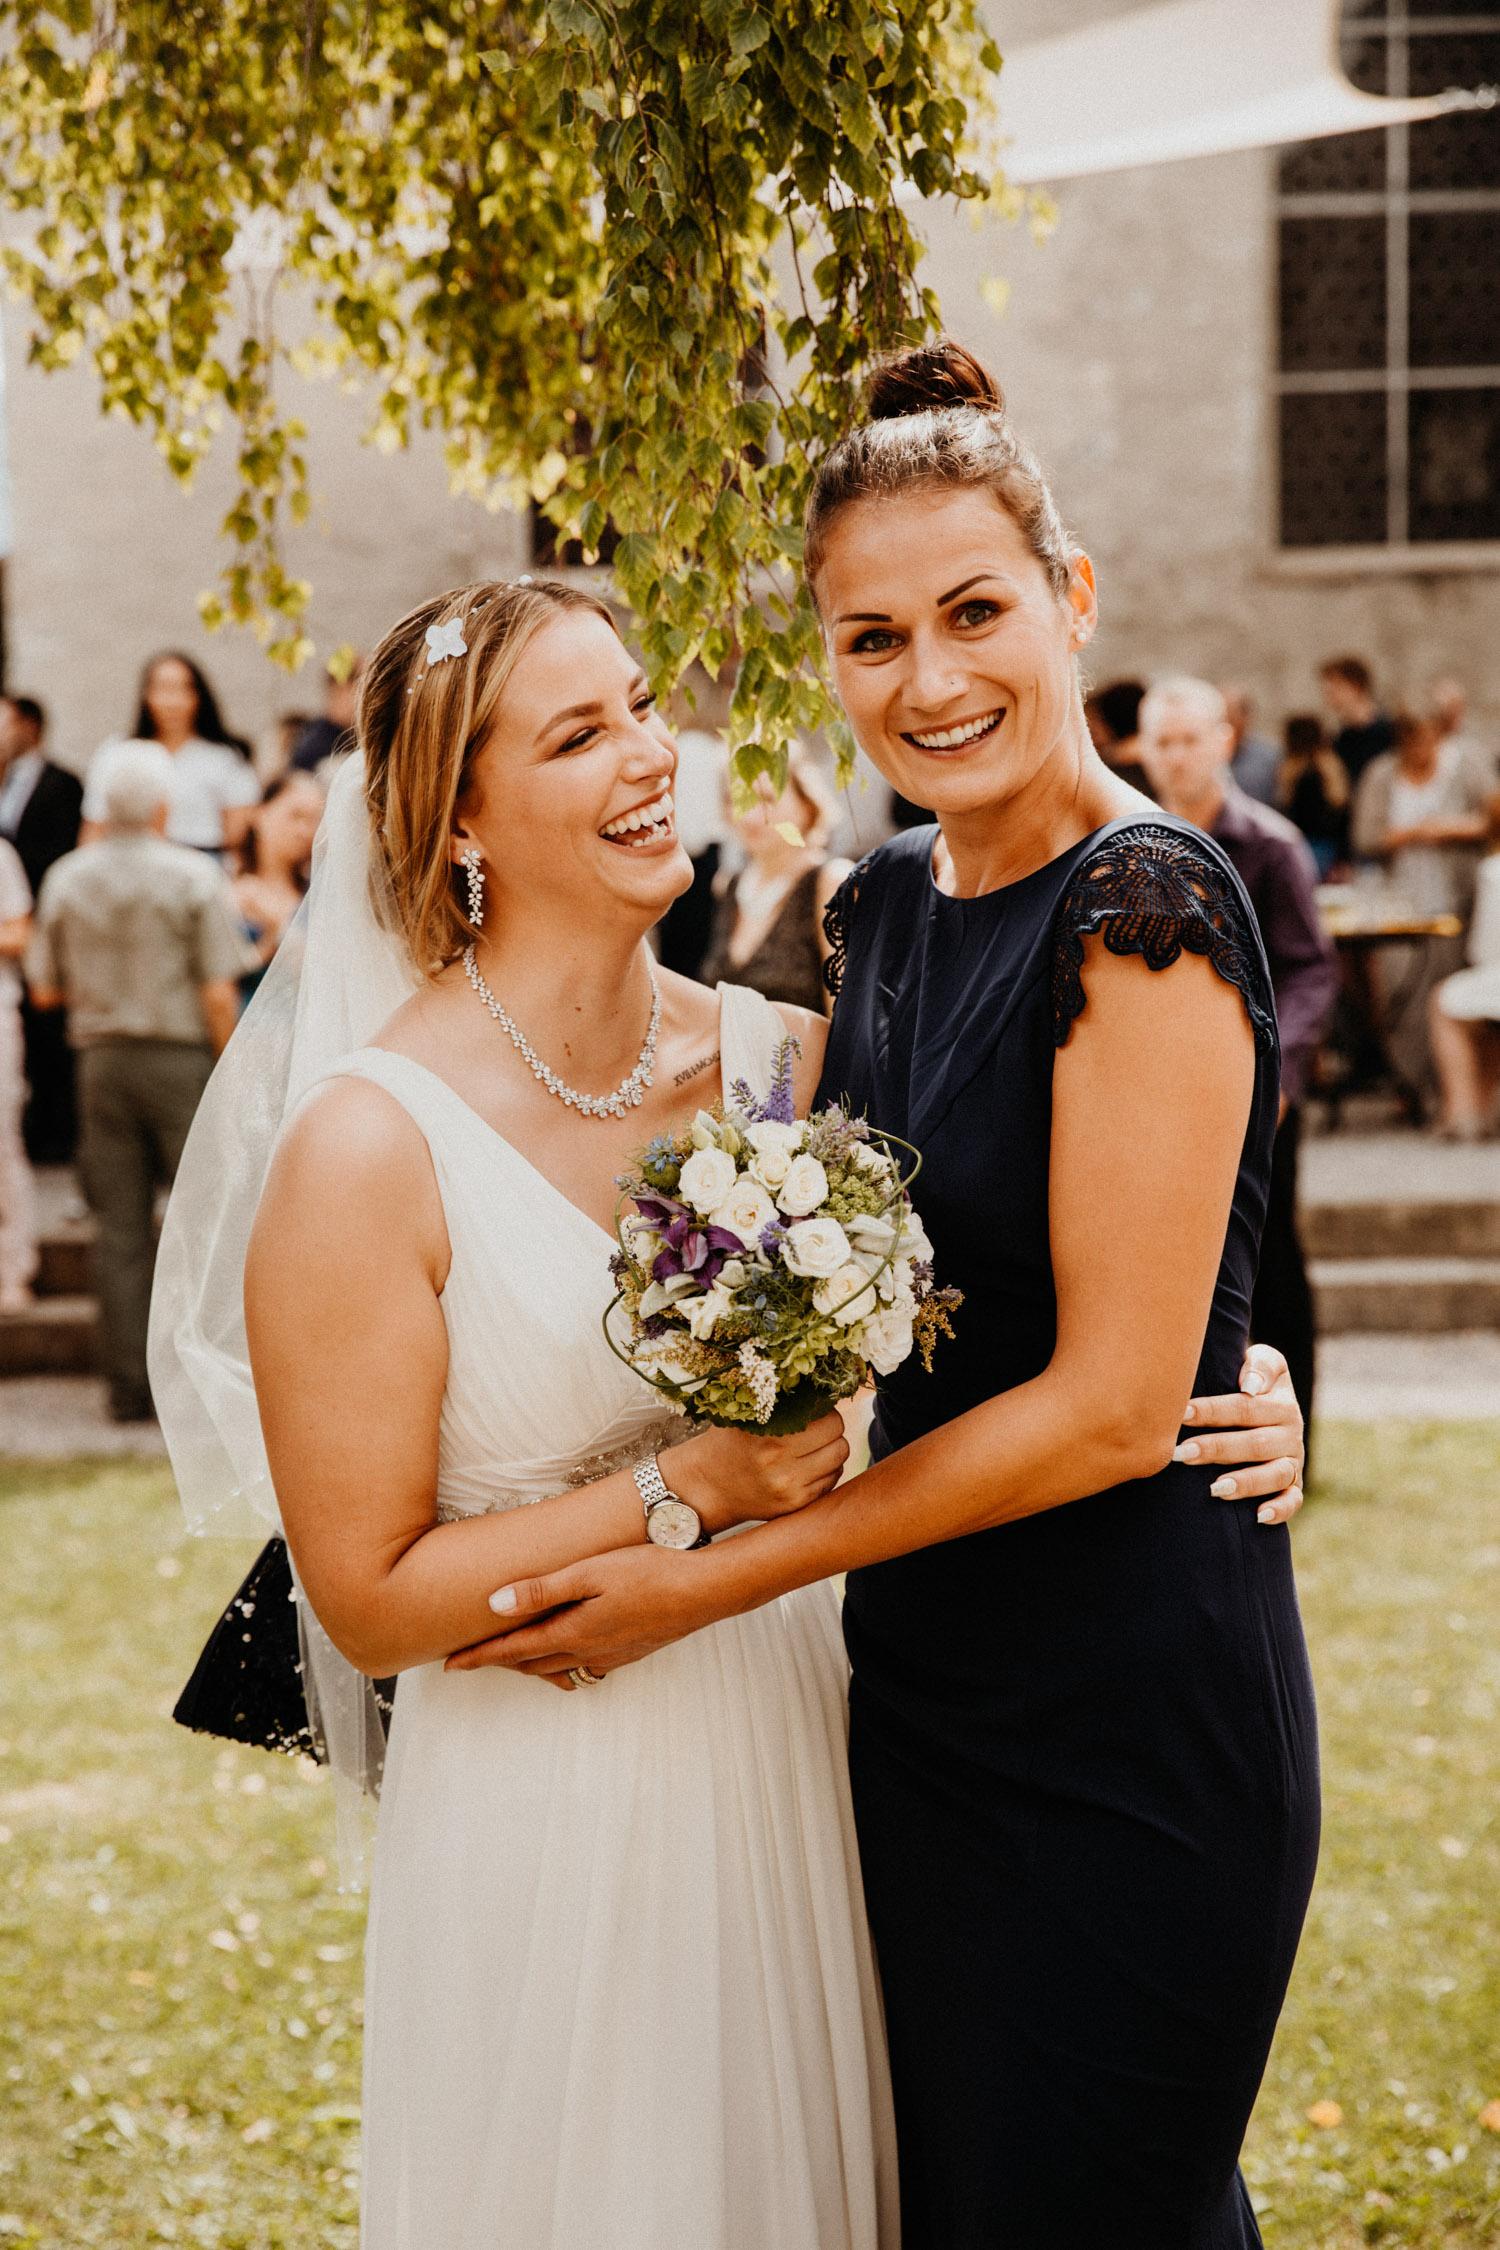 Hochzeitsfotografin Bern Schweiz Interlaken kirchliche Trauung Apéro Braut Trauzeugin